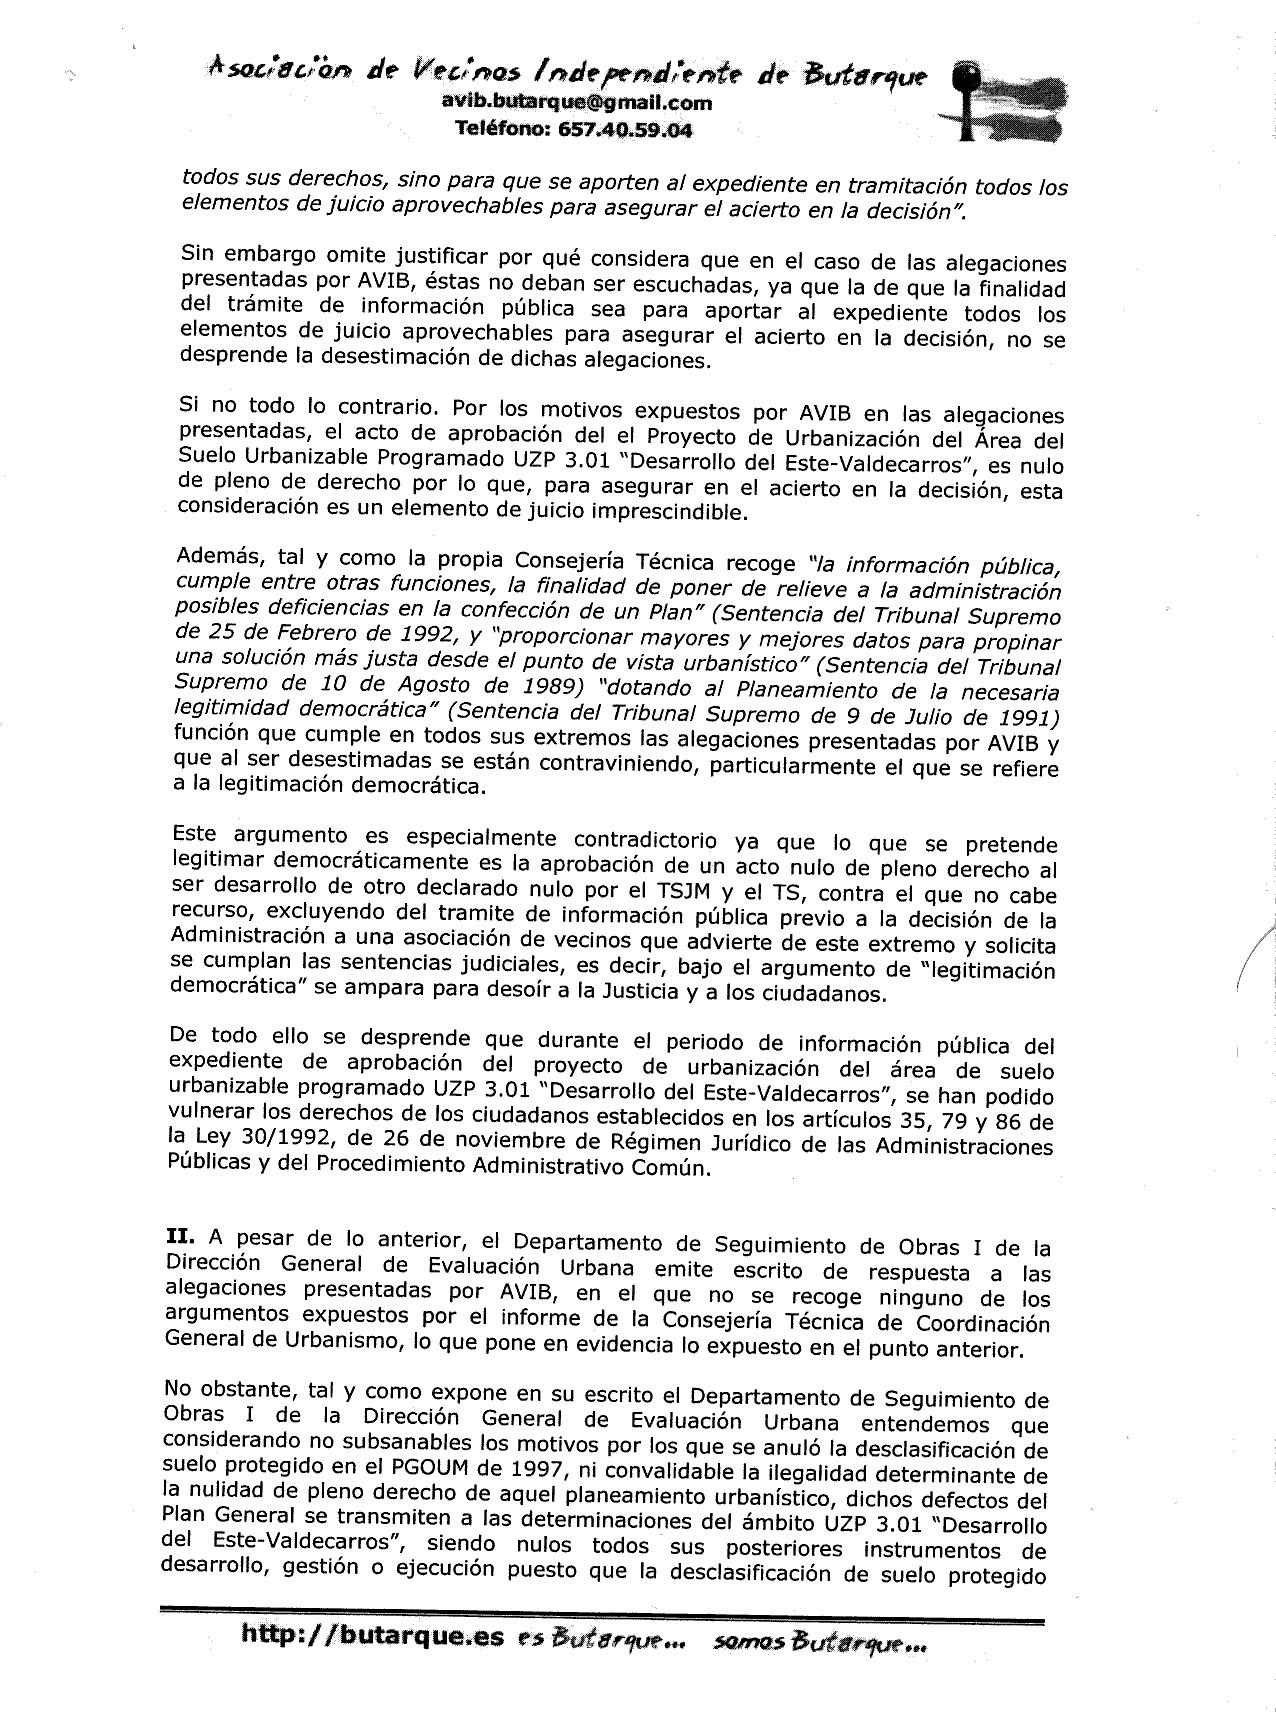 Recurso_aprobacion_Valdecarros-1.jpg